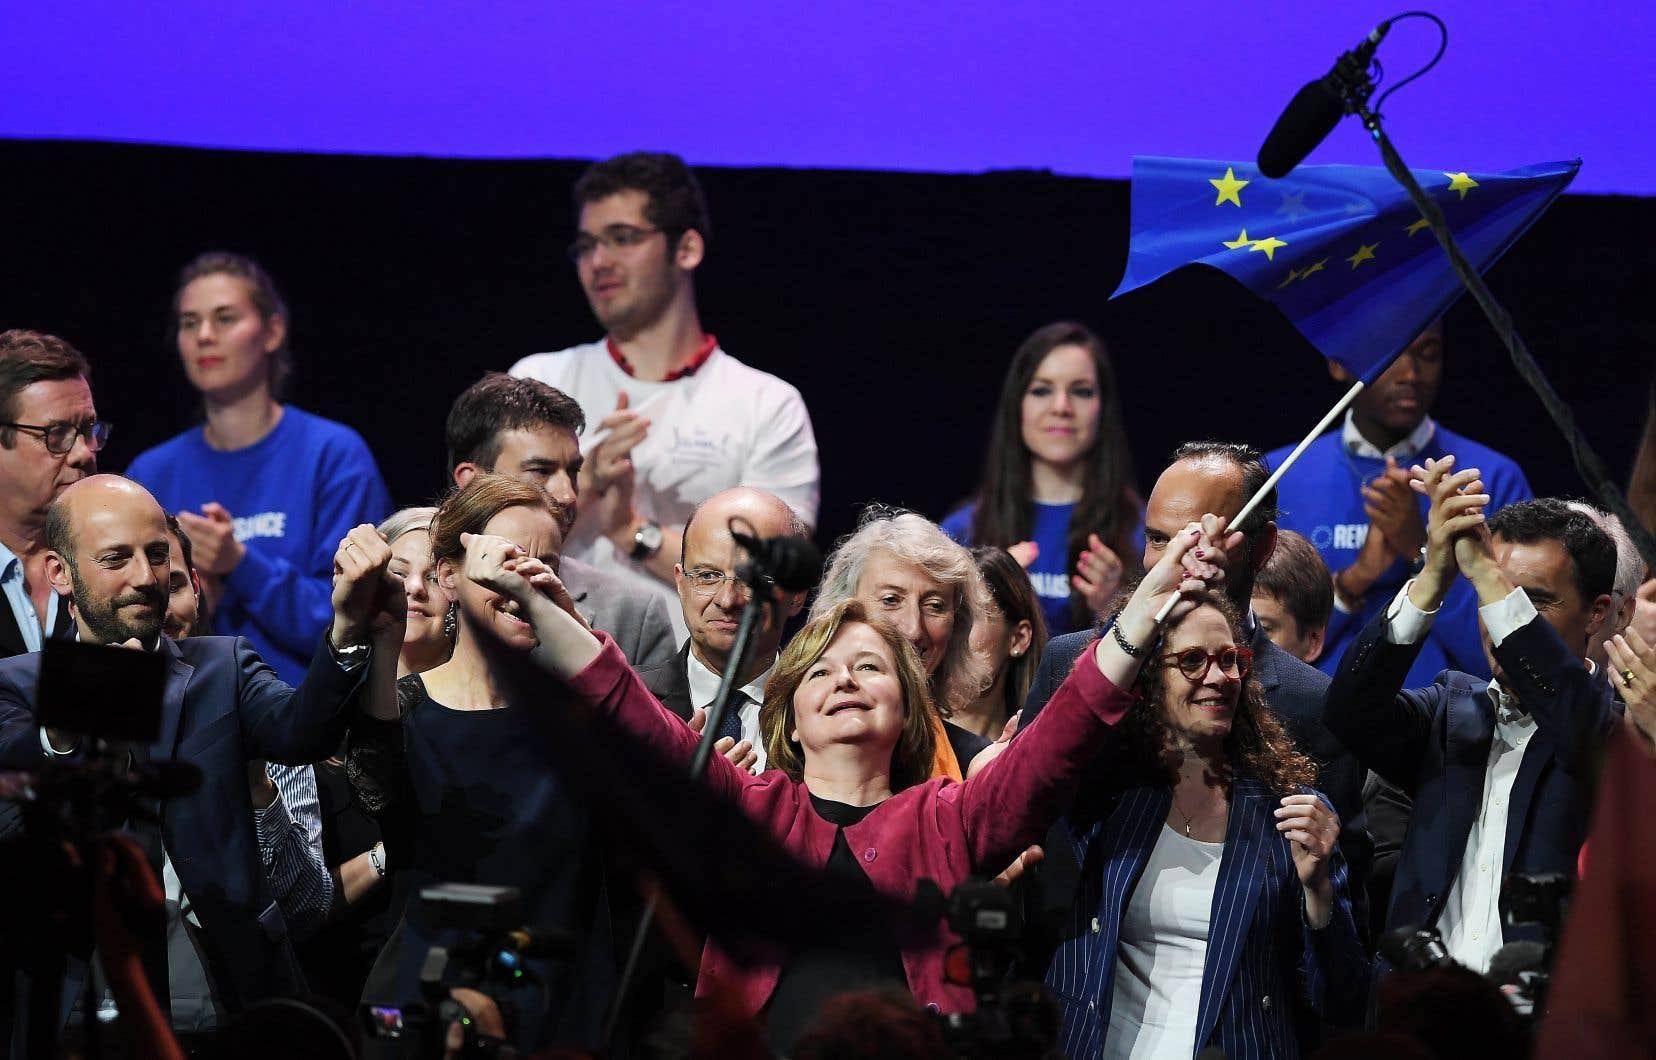 Nathalie Loiseau a été ministre des Affaires européennes sous le gouvernement d'Édouard Philippe.